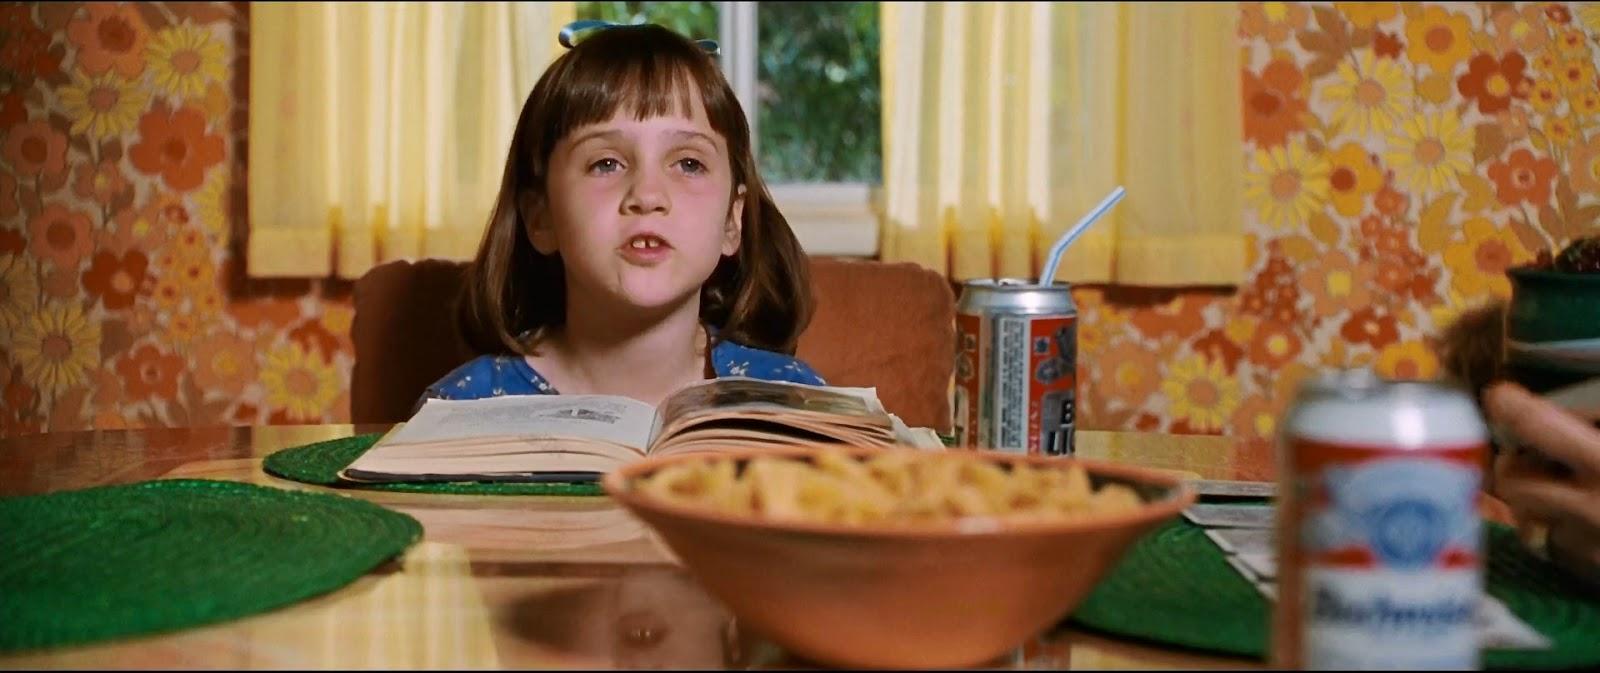 Matilda (1996) [1080p. Dual]